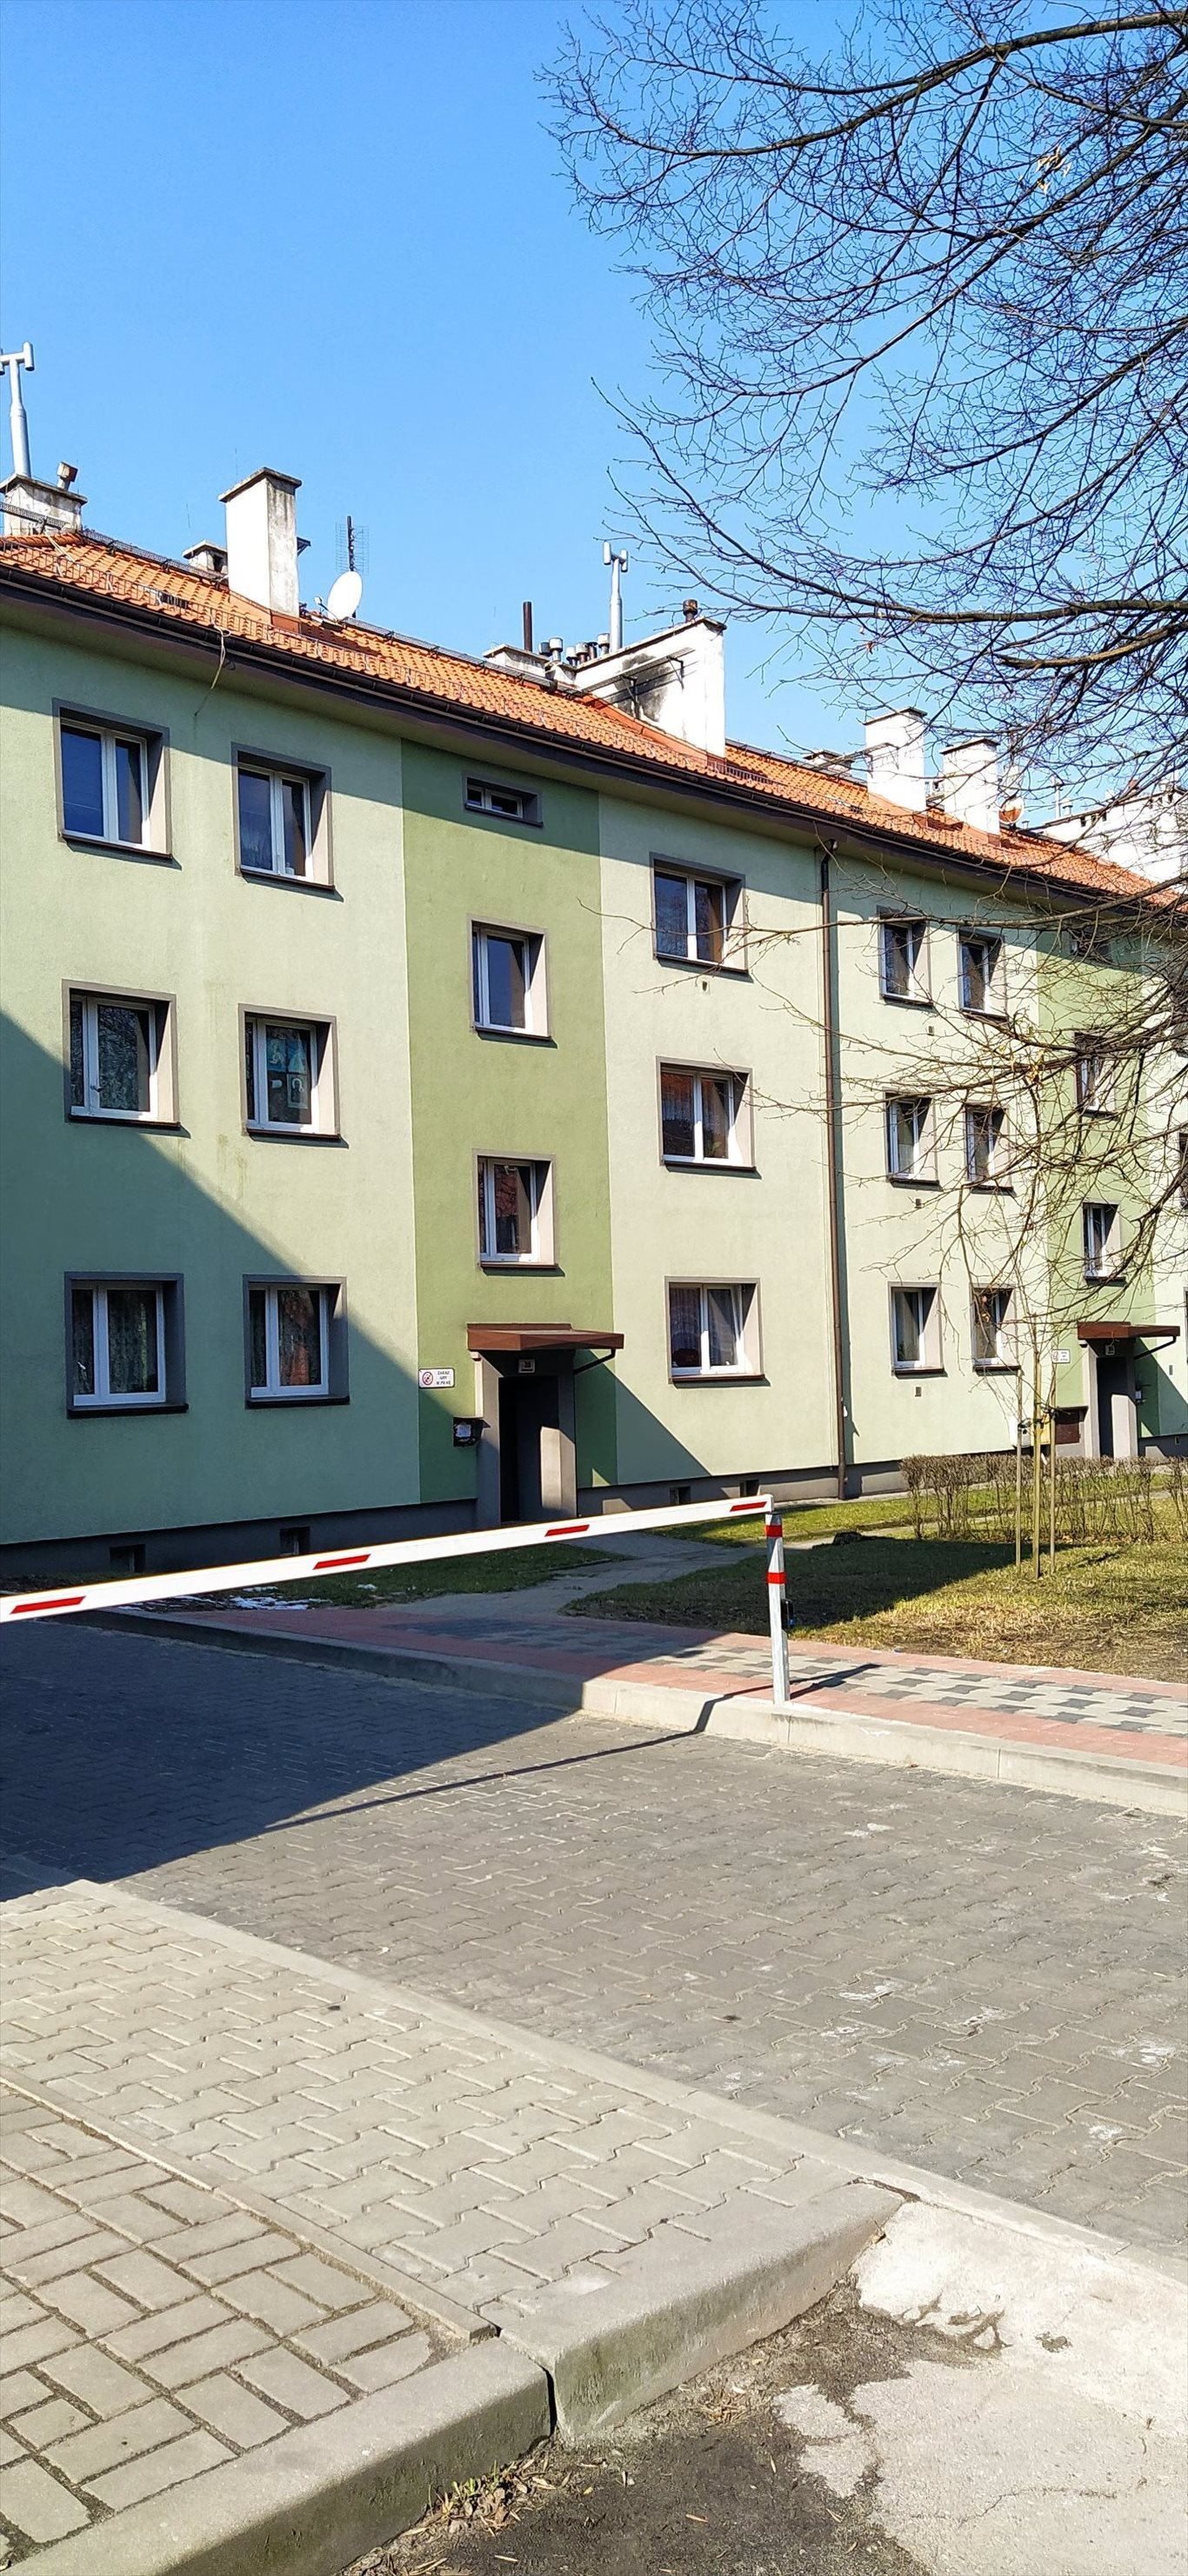 Mieszkanie dwupokojowe na sprzedaż Ruda Śląska, Ruda, Ruda, Stefana Żeromskiego  51m2 Foto 6